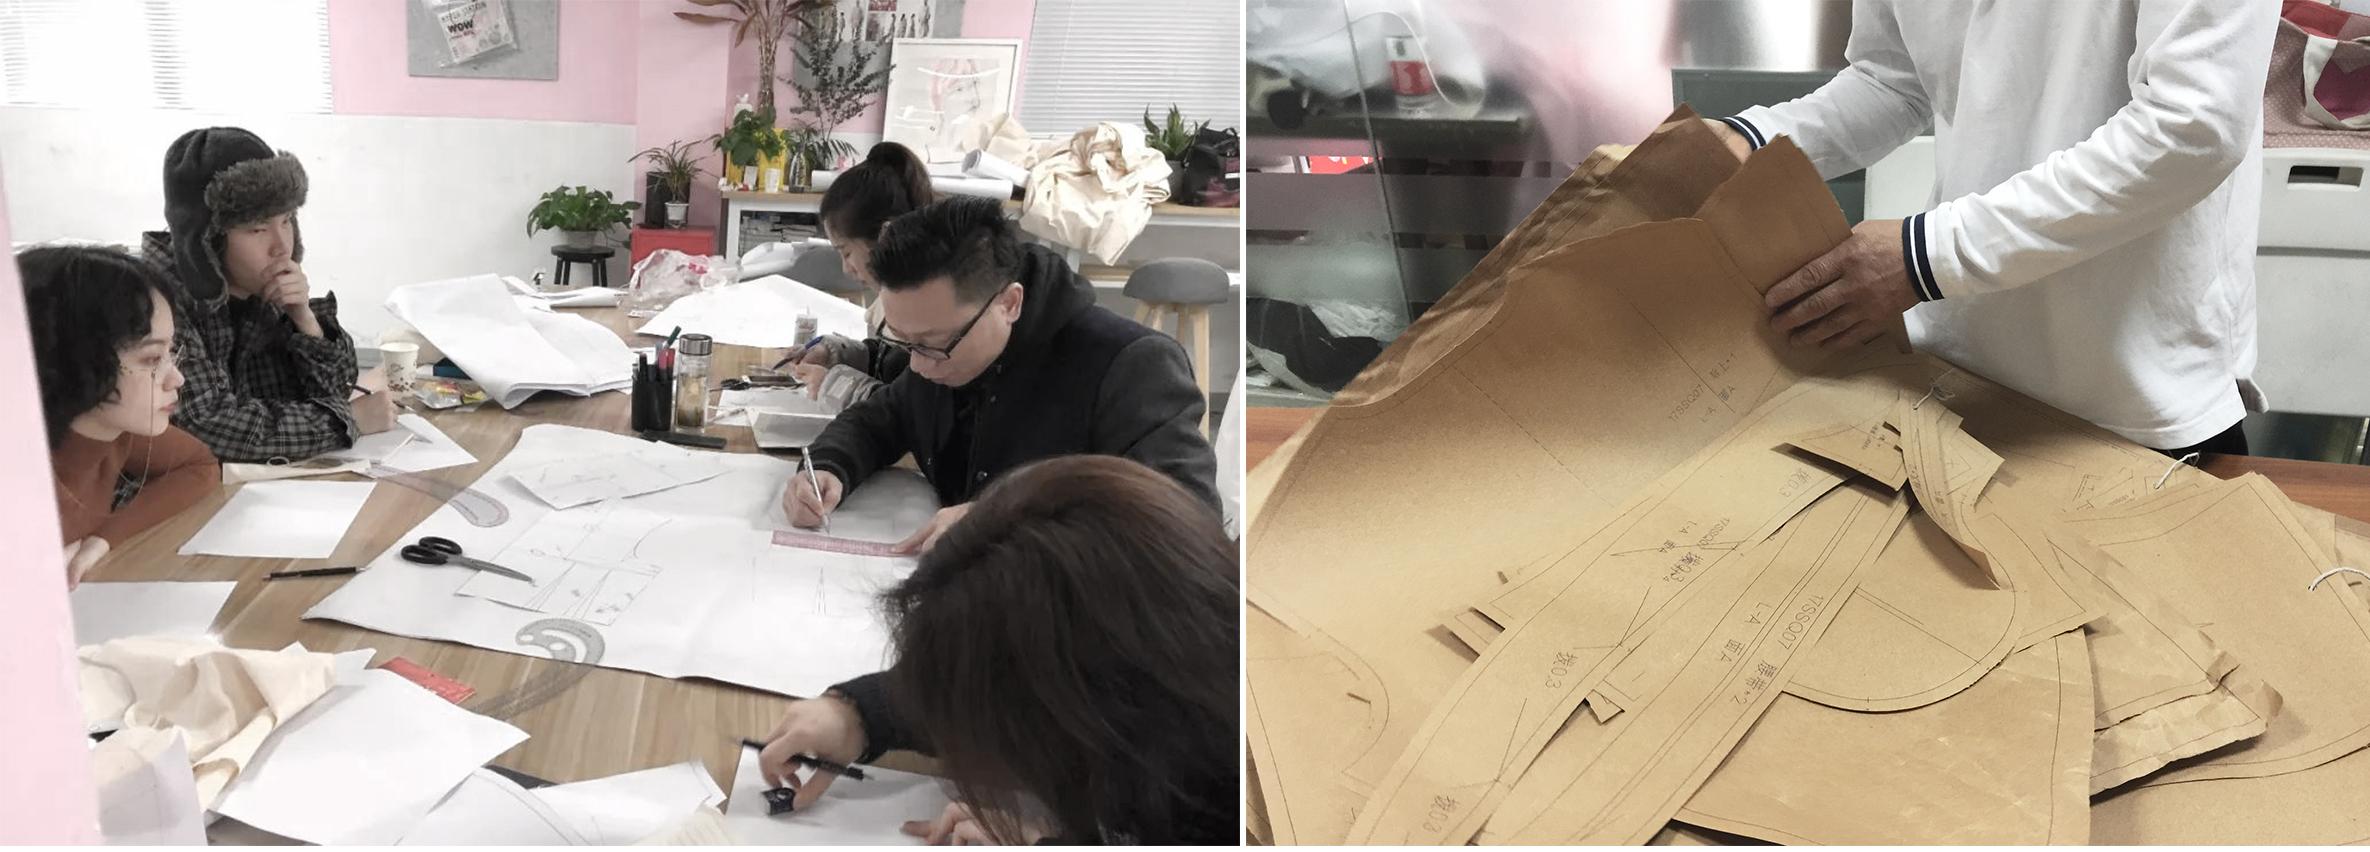 服装平面制版与女装工艺课程,平面制版,工艺,课堂氛围